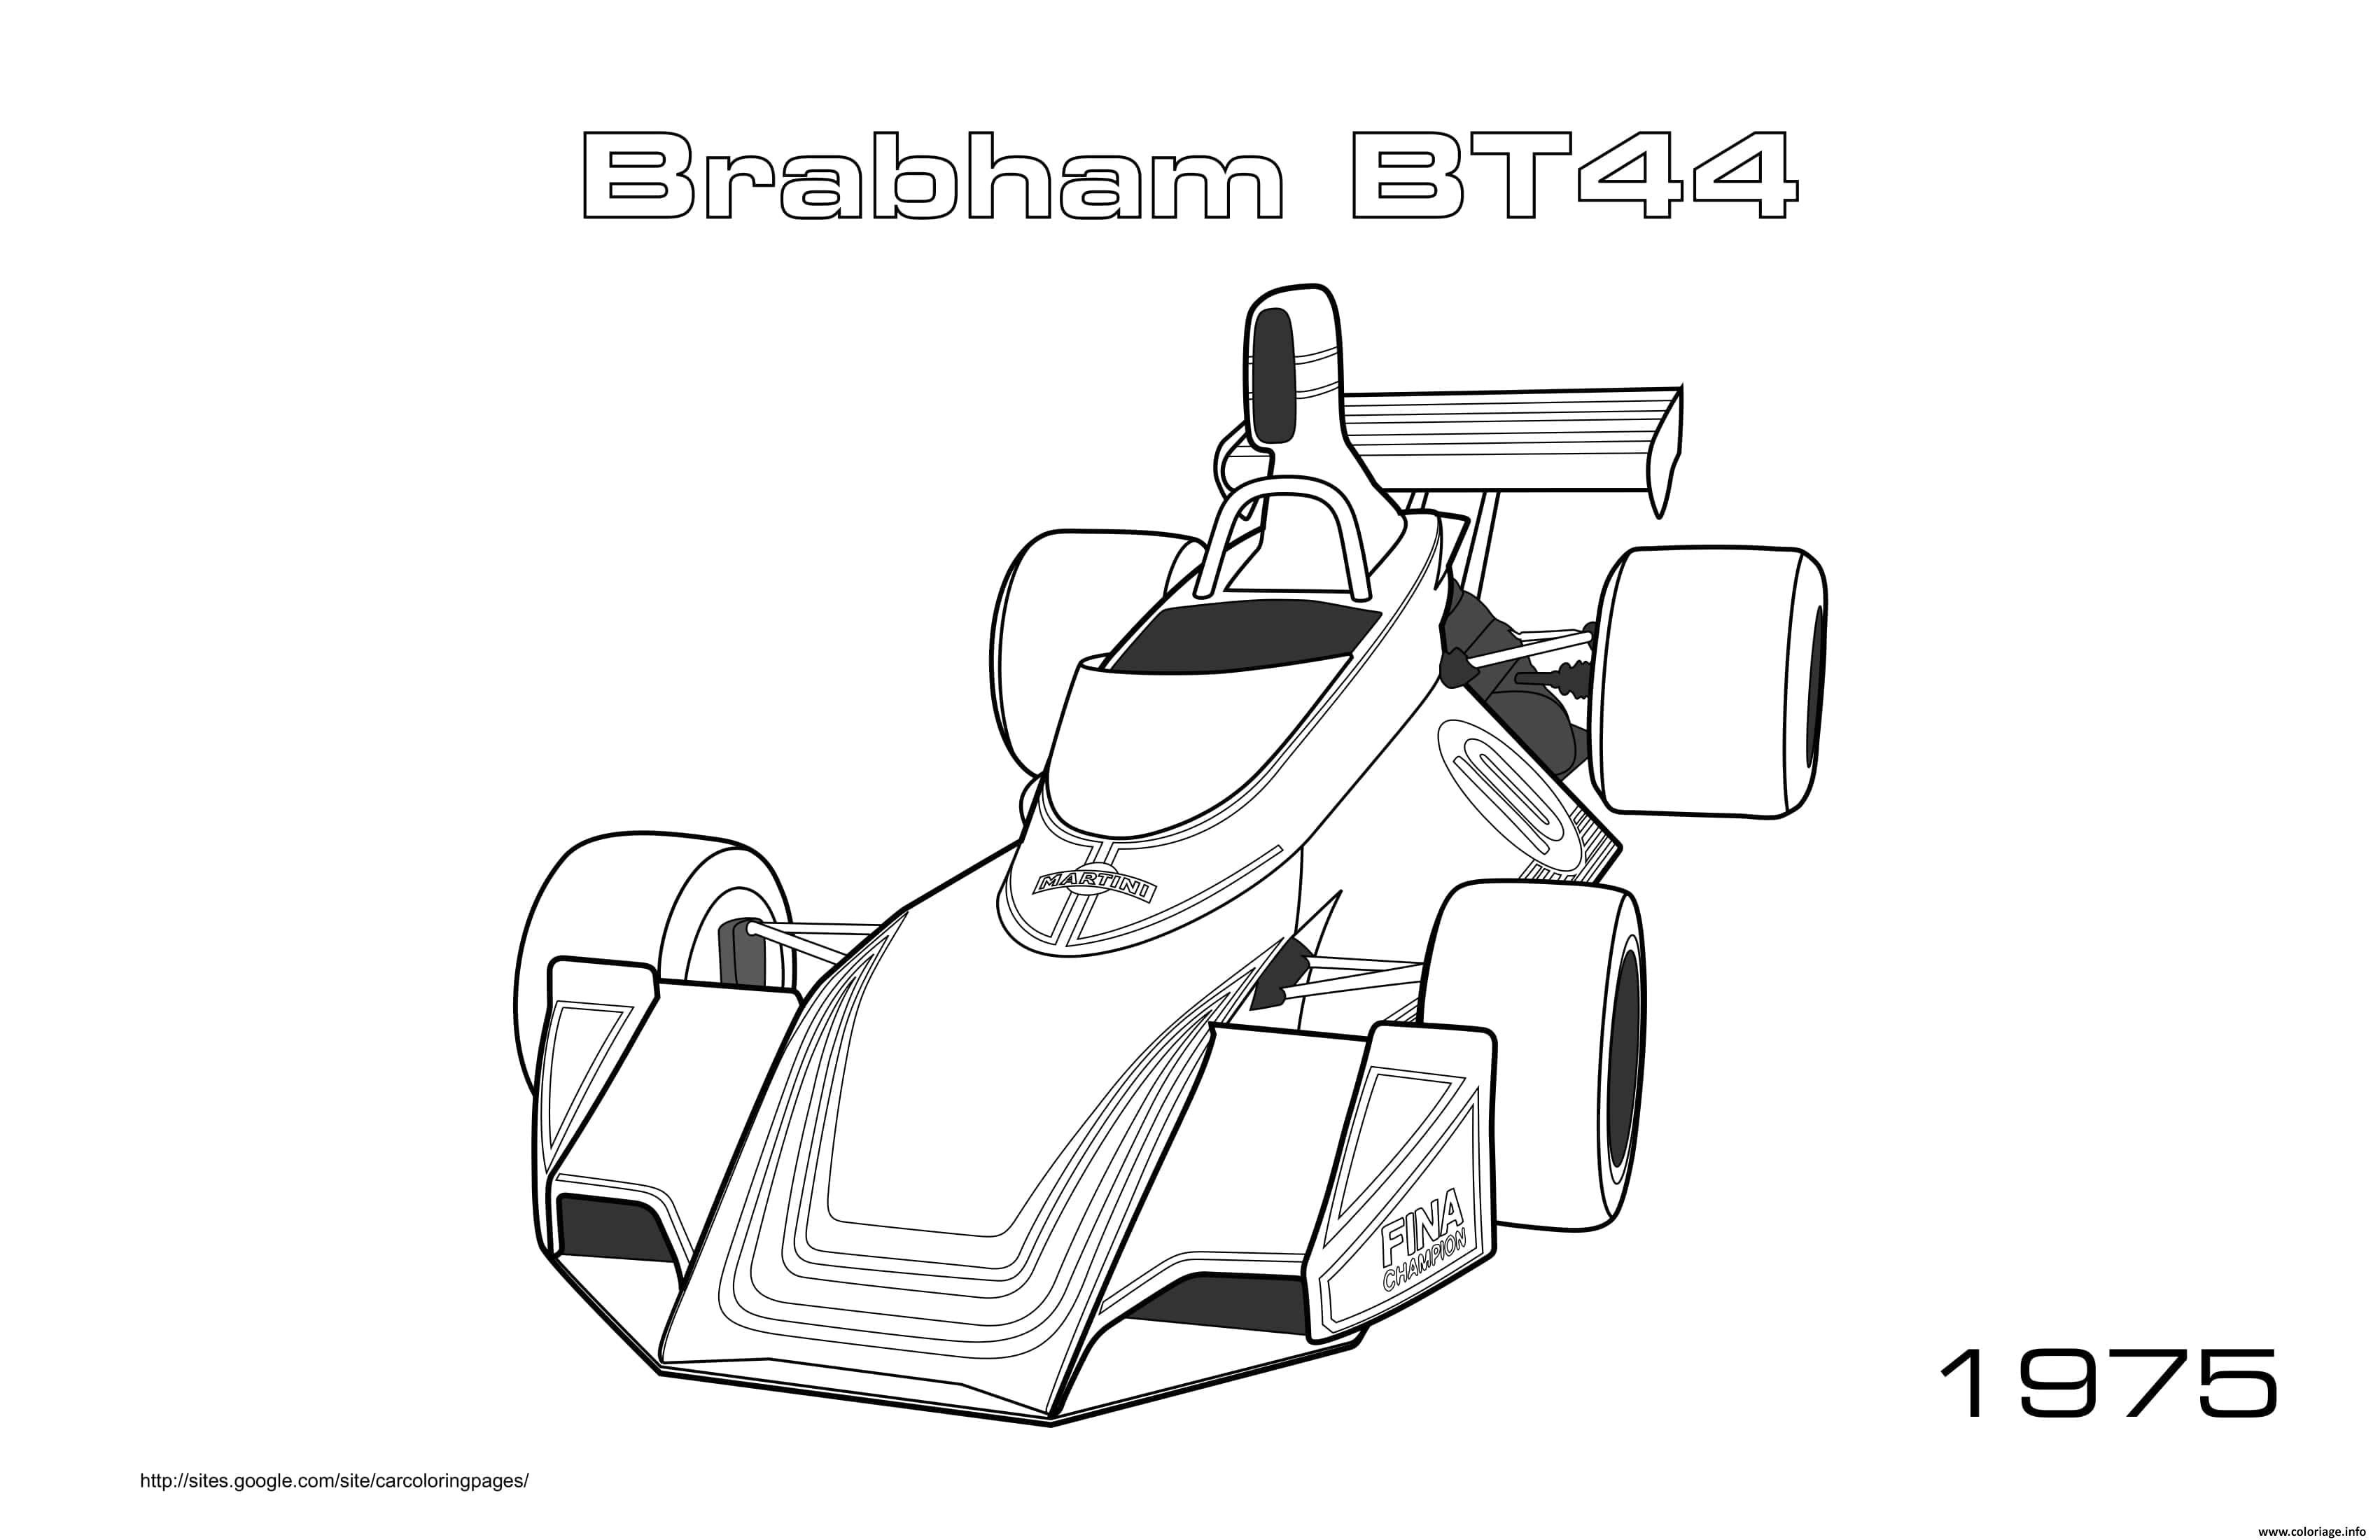 Dessin Formule 1 Voiture Brabham Bt44 1975 Coloriage Gratuit à Imprimer